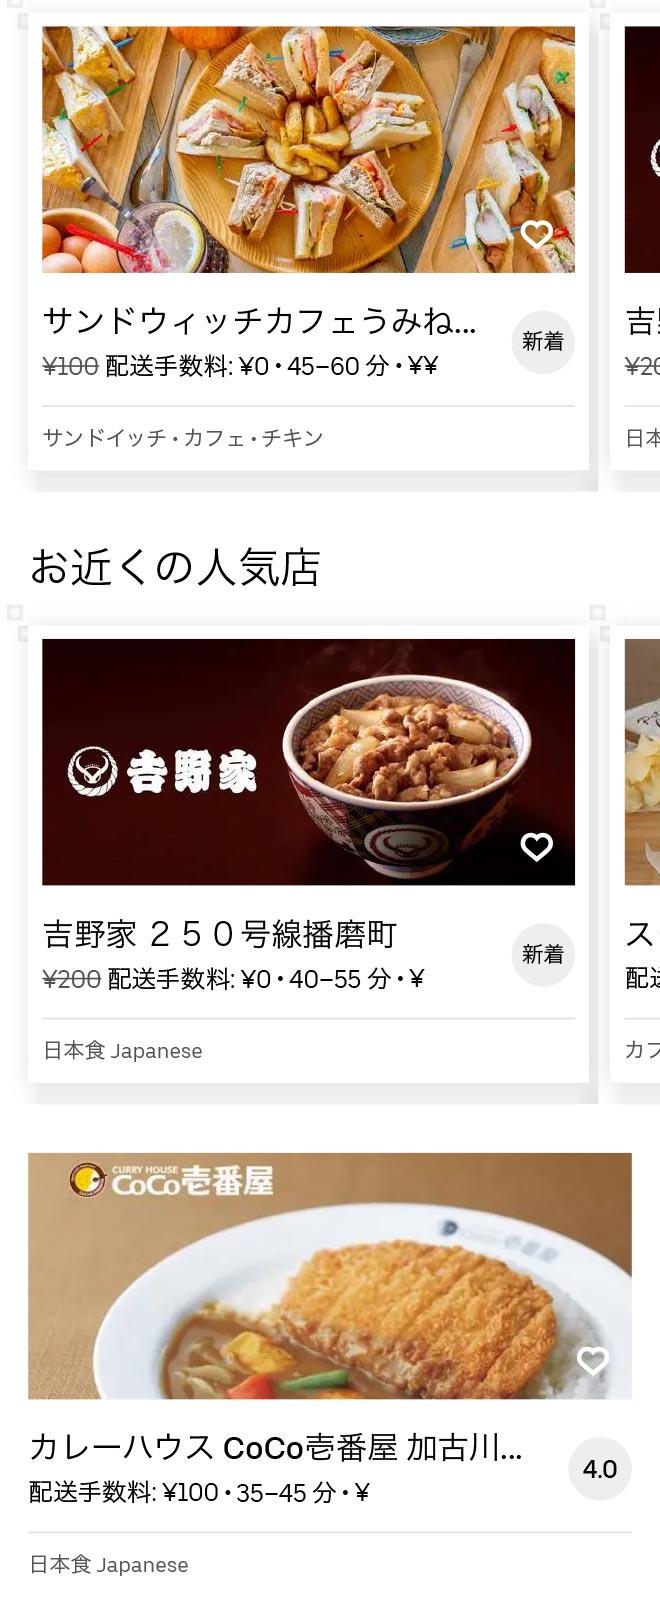 Kakogaw befu menu 2010 2